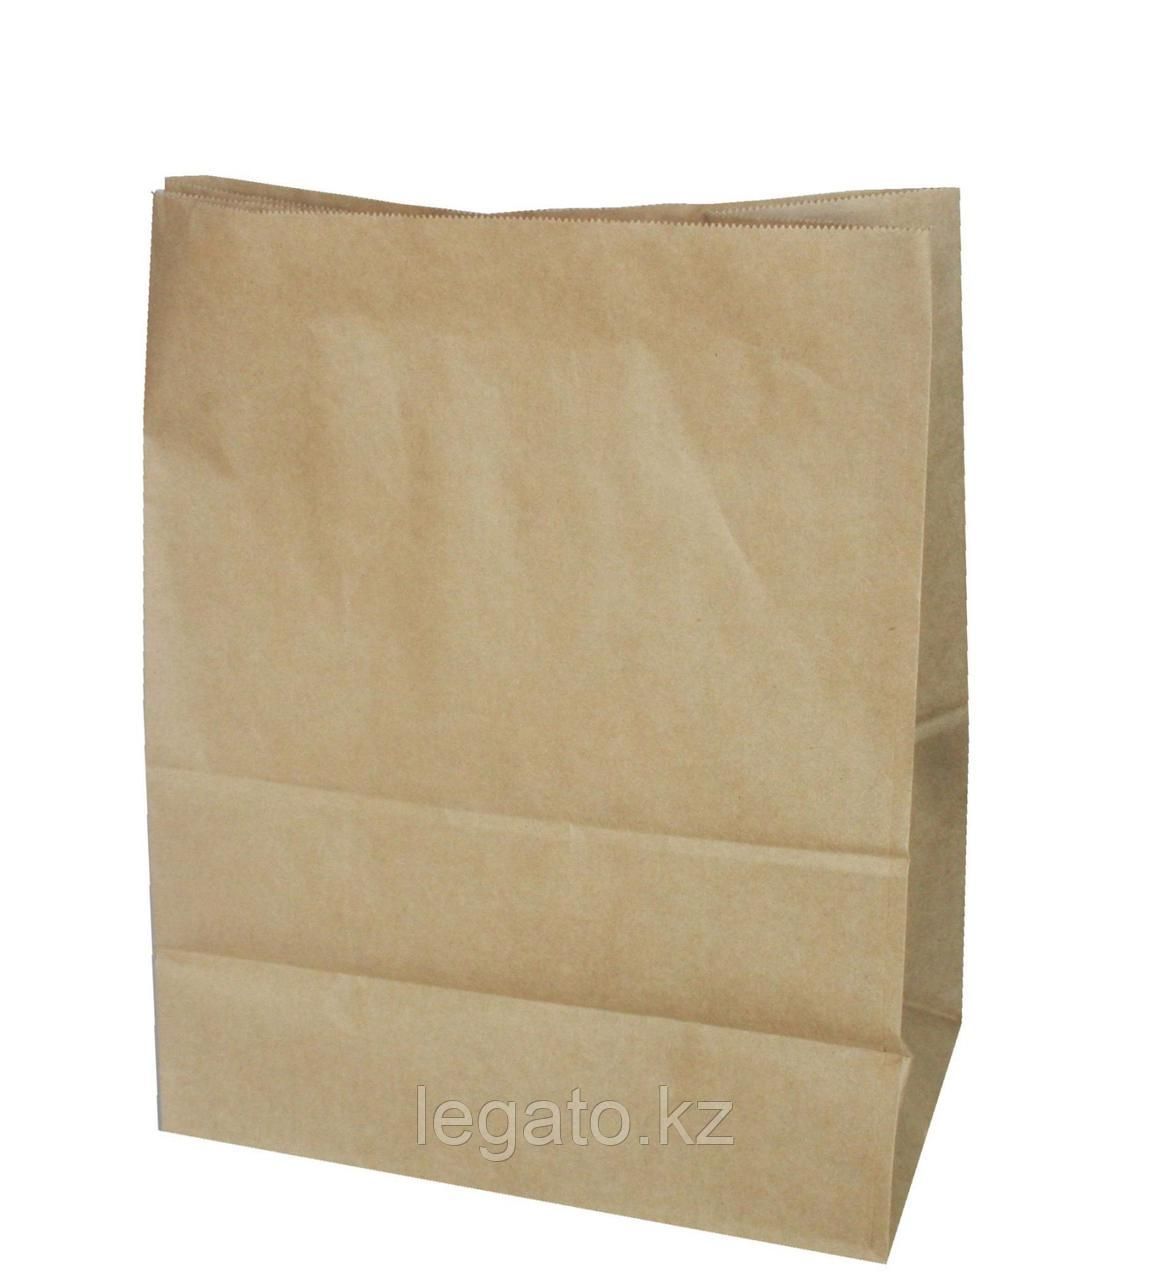 Пакет бумажный, крафт (коричн.), 300*170+60 мм., AVIORA,50 шт/уп., 1000шт/кор